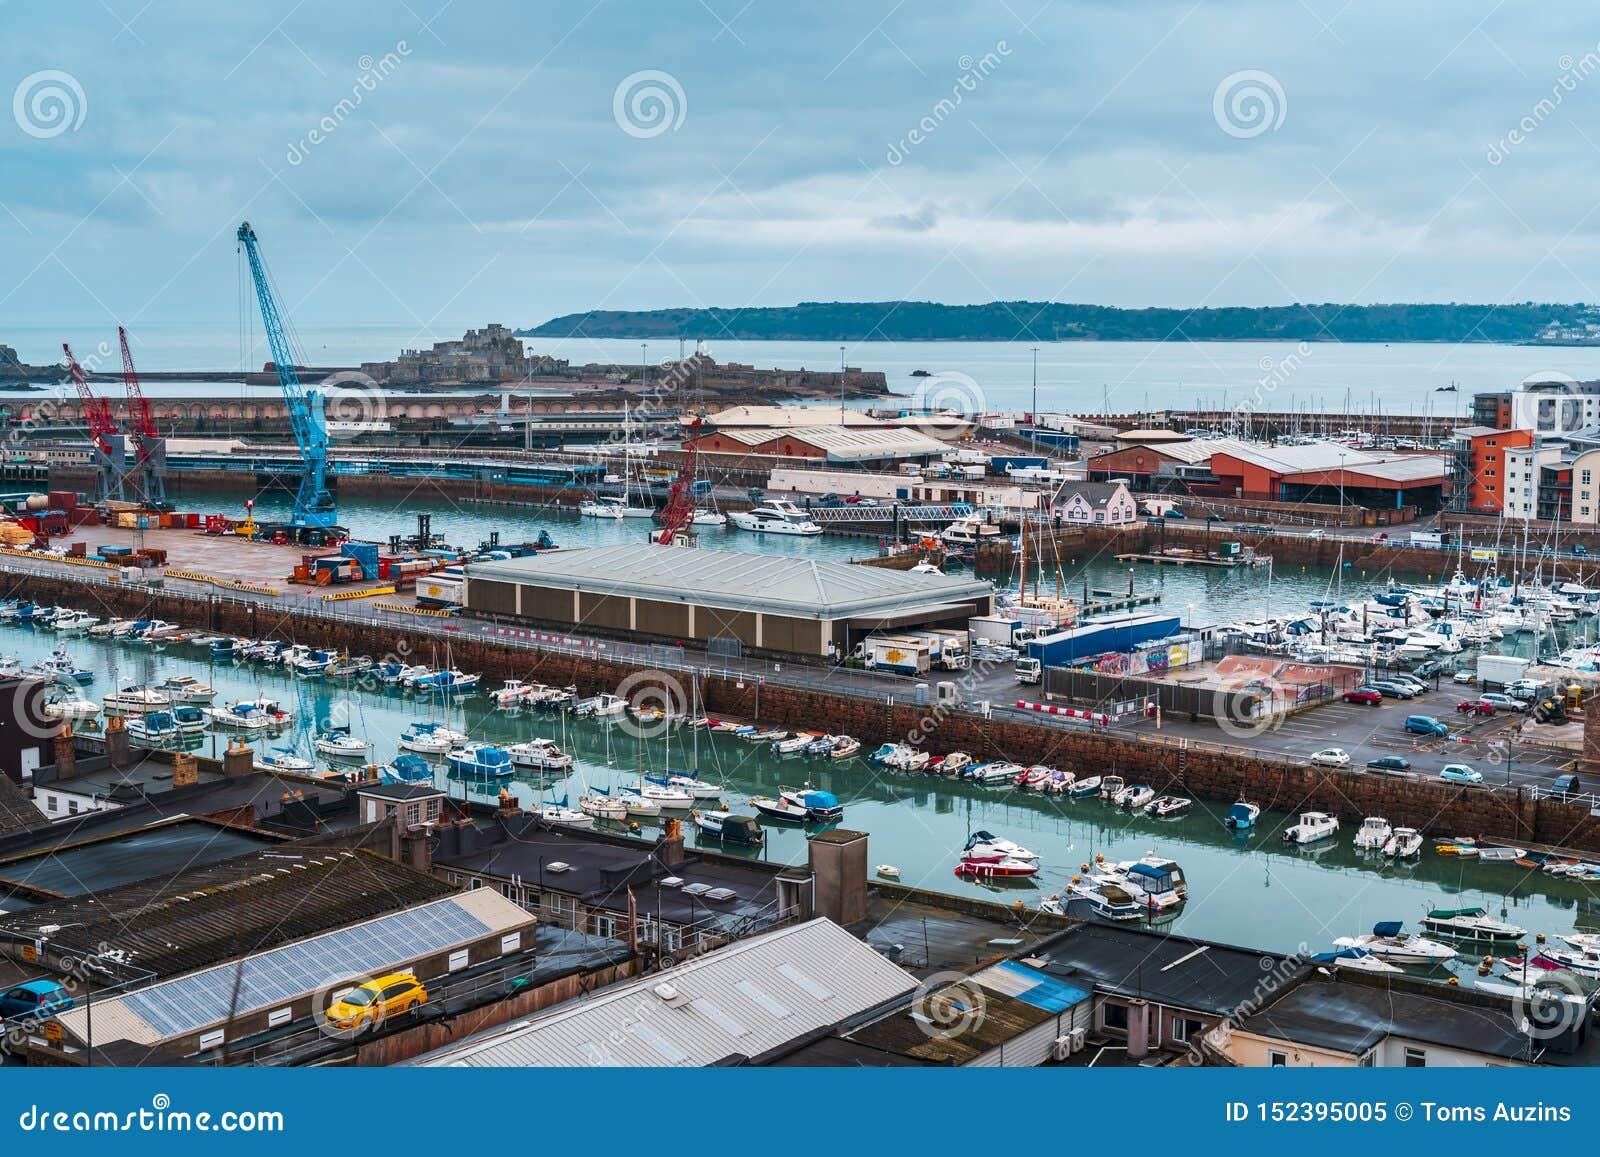 St Helier Elizabeth i schronienie Roszujemy, bydło, channel islands, Zjednoczone Królestwo, Europa